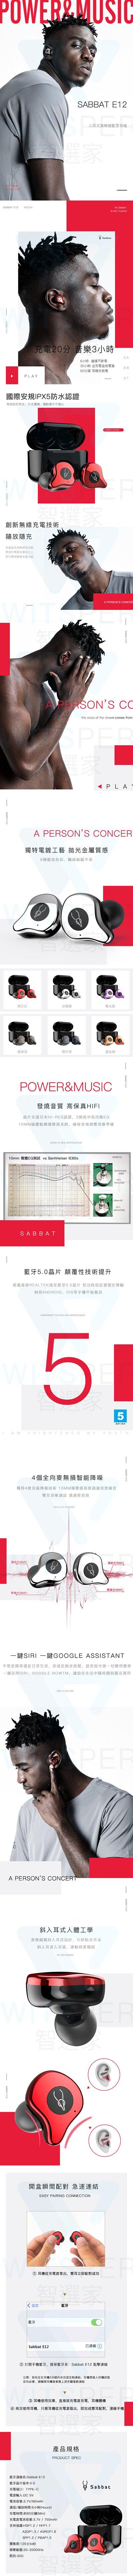 sabbat-e12